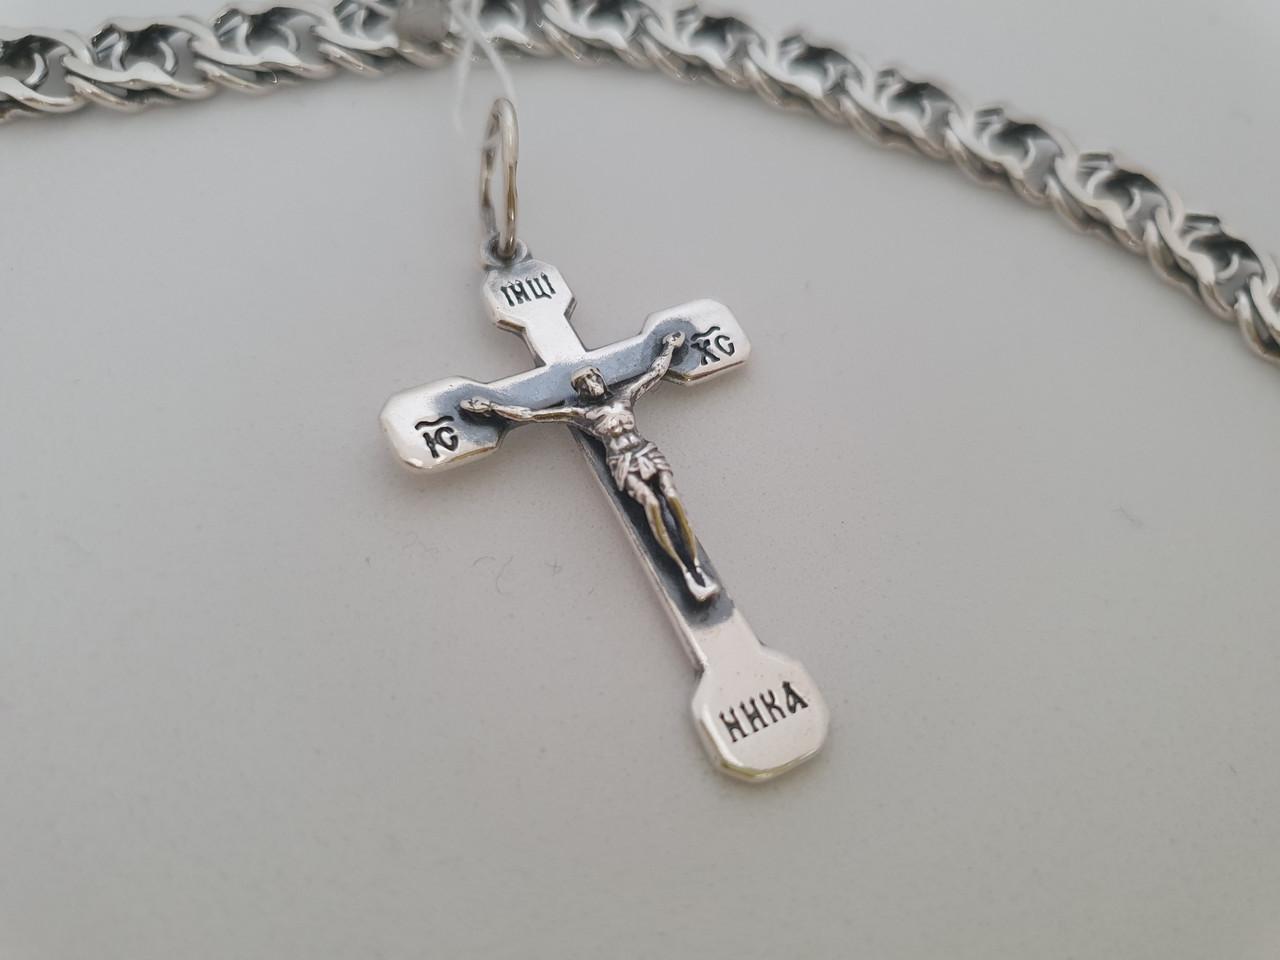 Серебряный православный крестик с распятием. Вес 3,1 гр. 925 проба